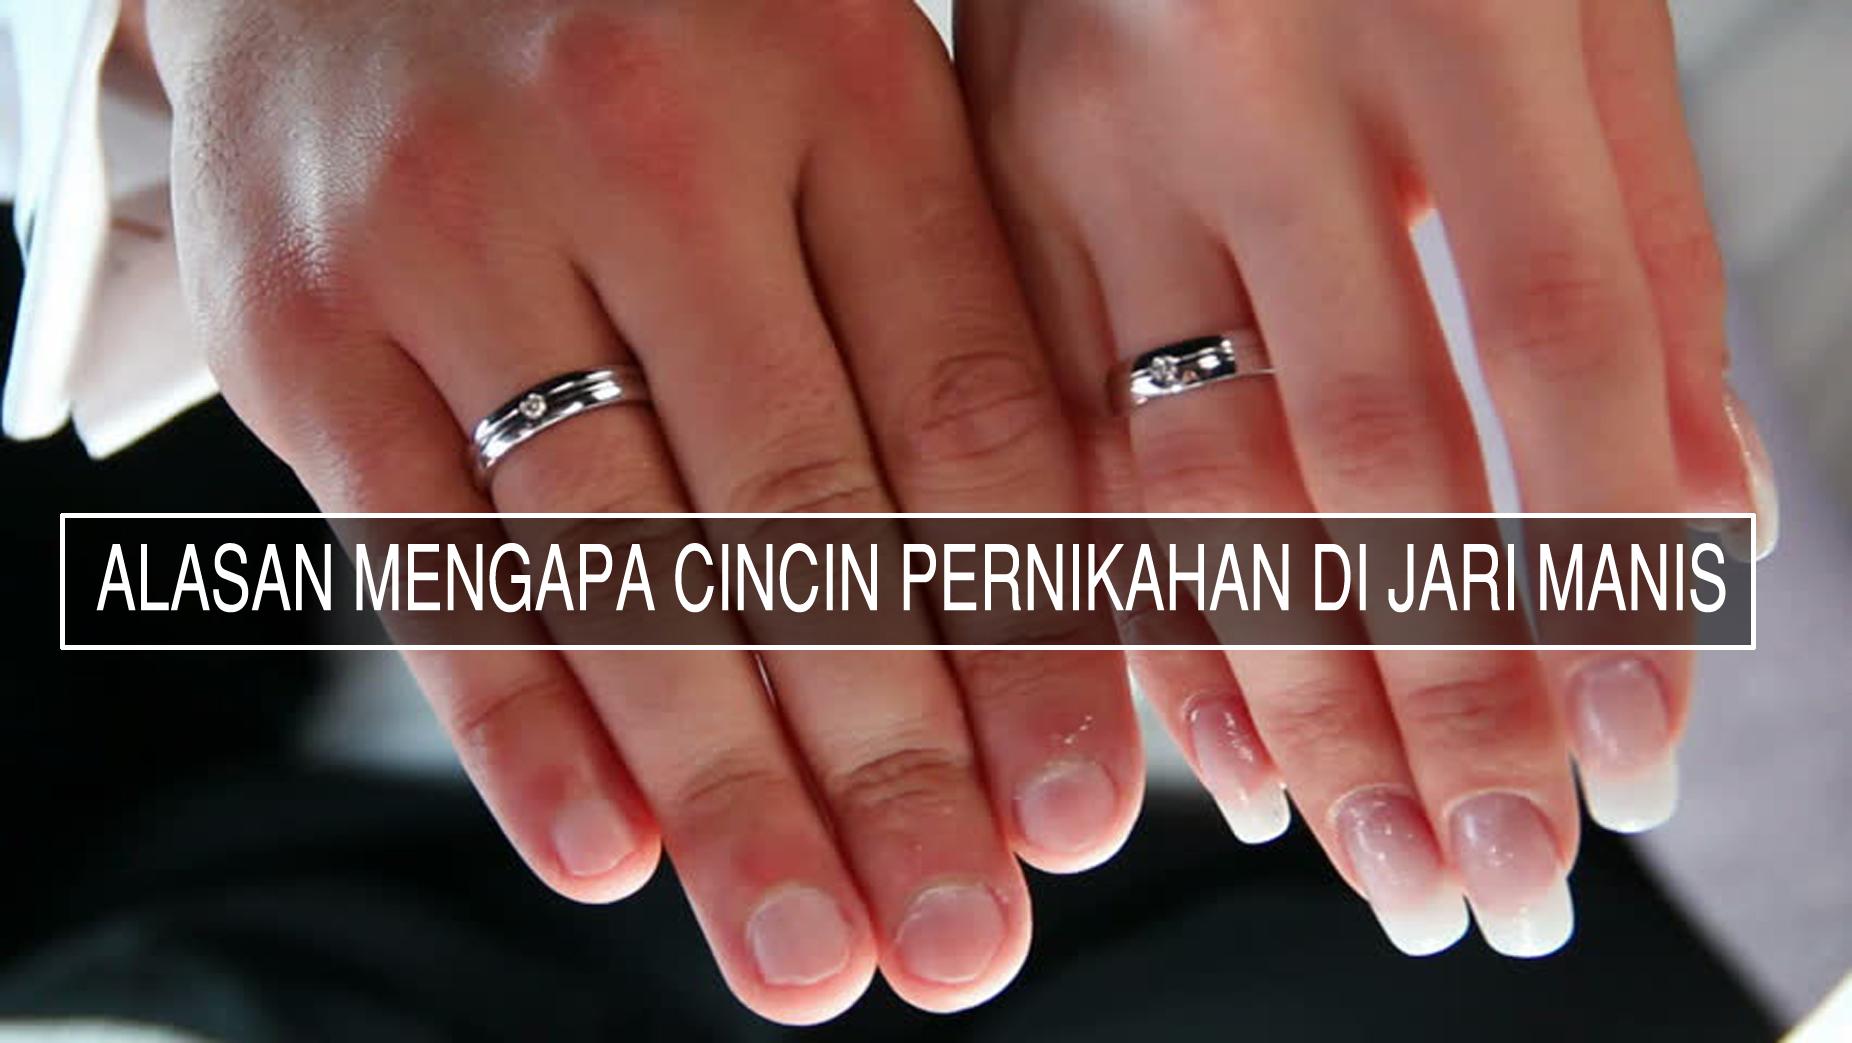 Mengapa Cincin Pernikahan Selalu Di Jari Manis ? Inilah Alasannya